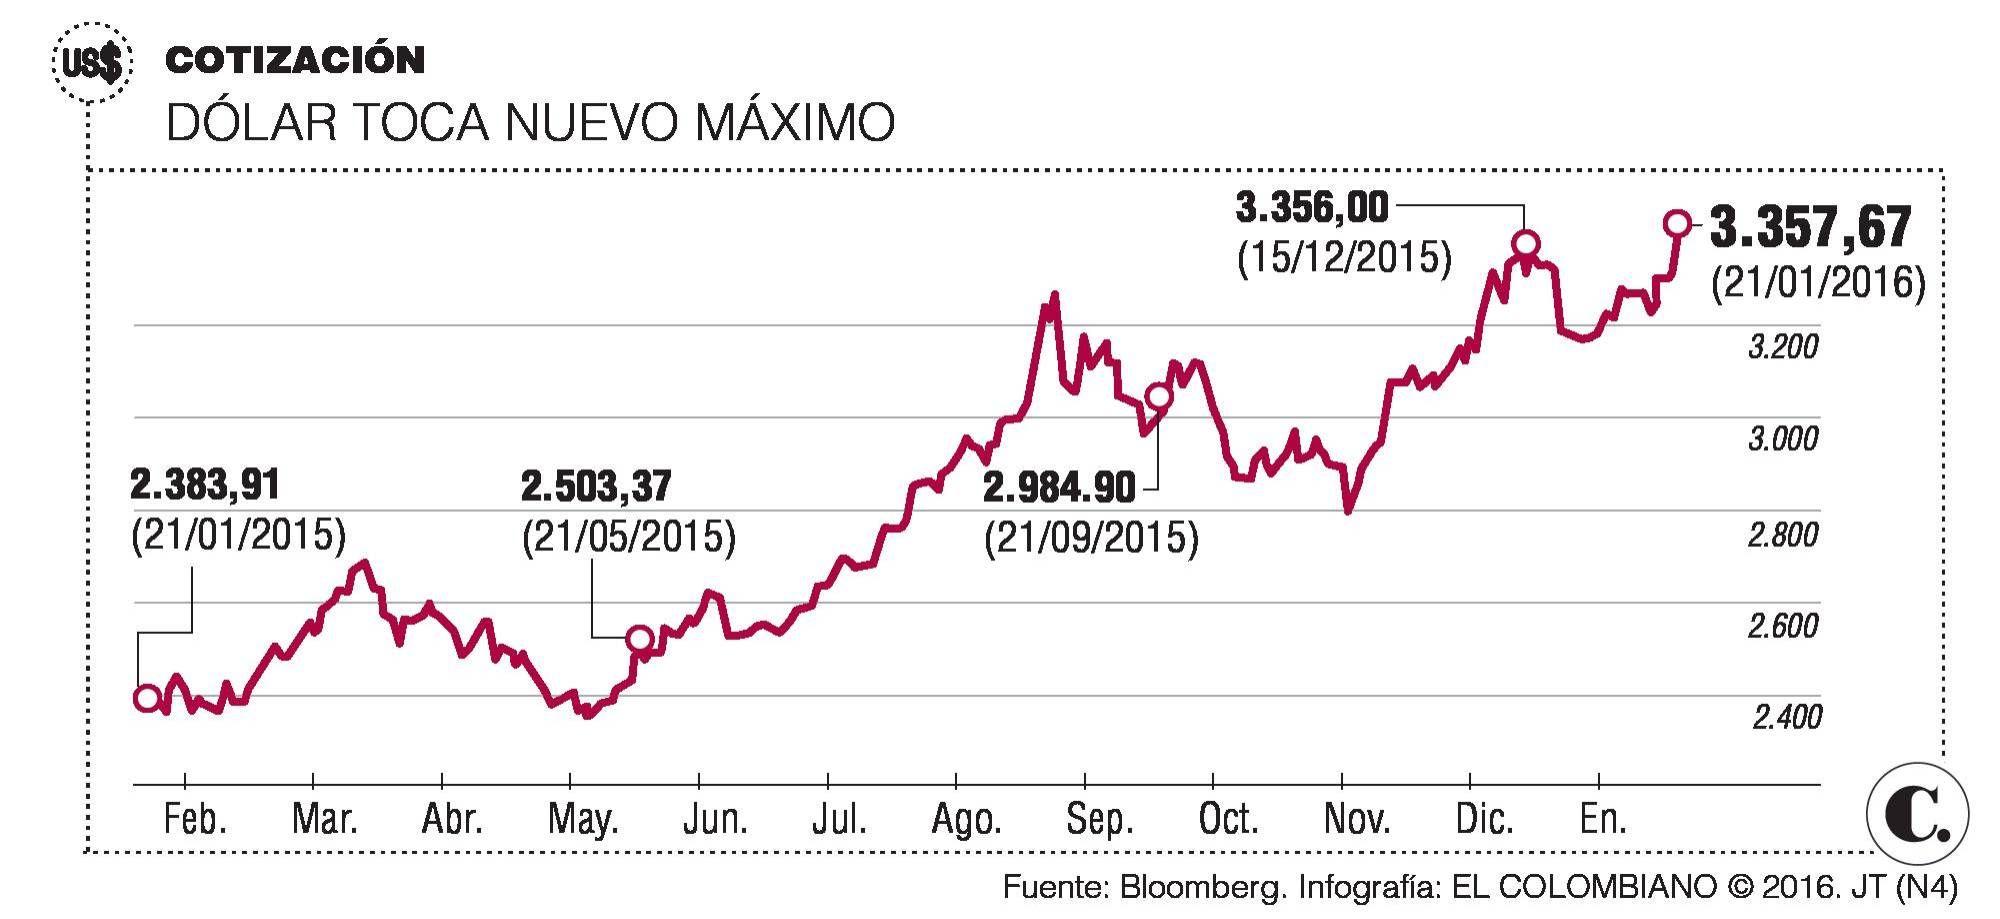 Dólar Colombia Nuevo Máximo Histórico